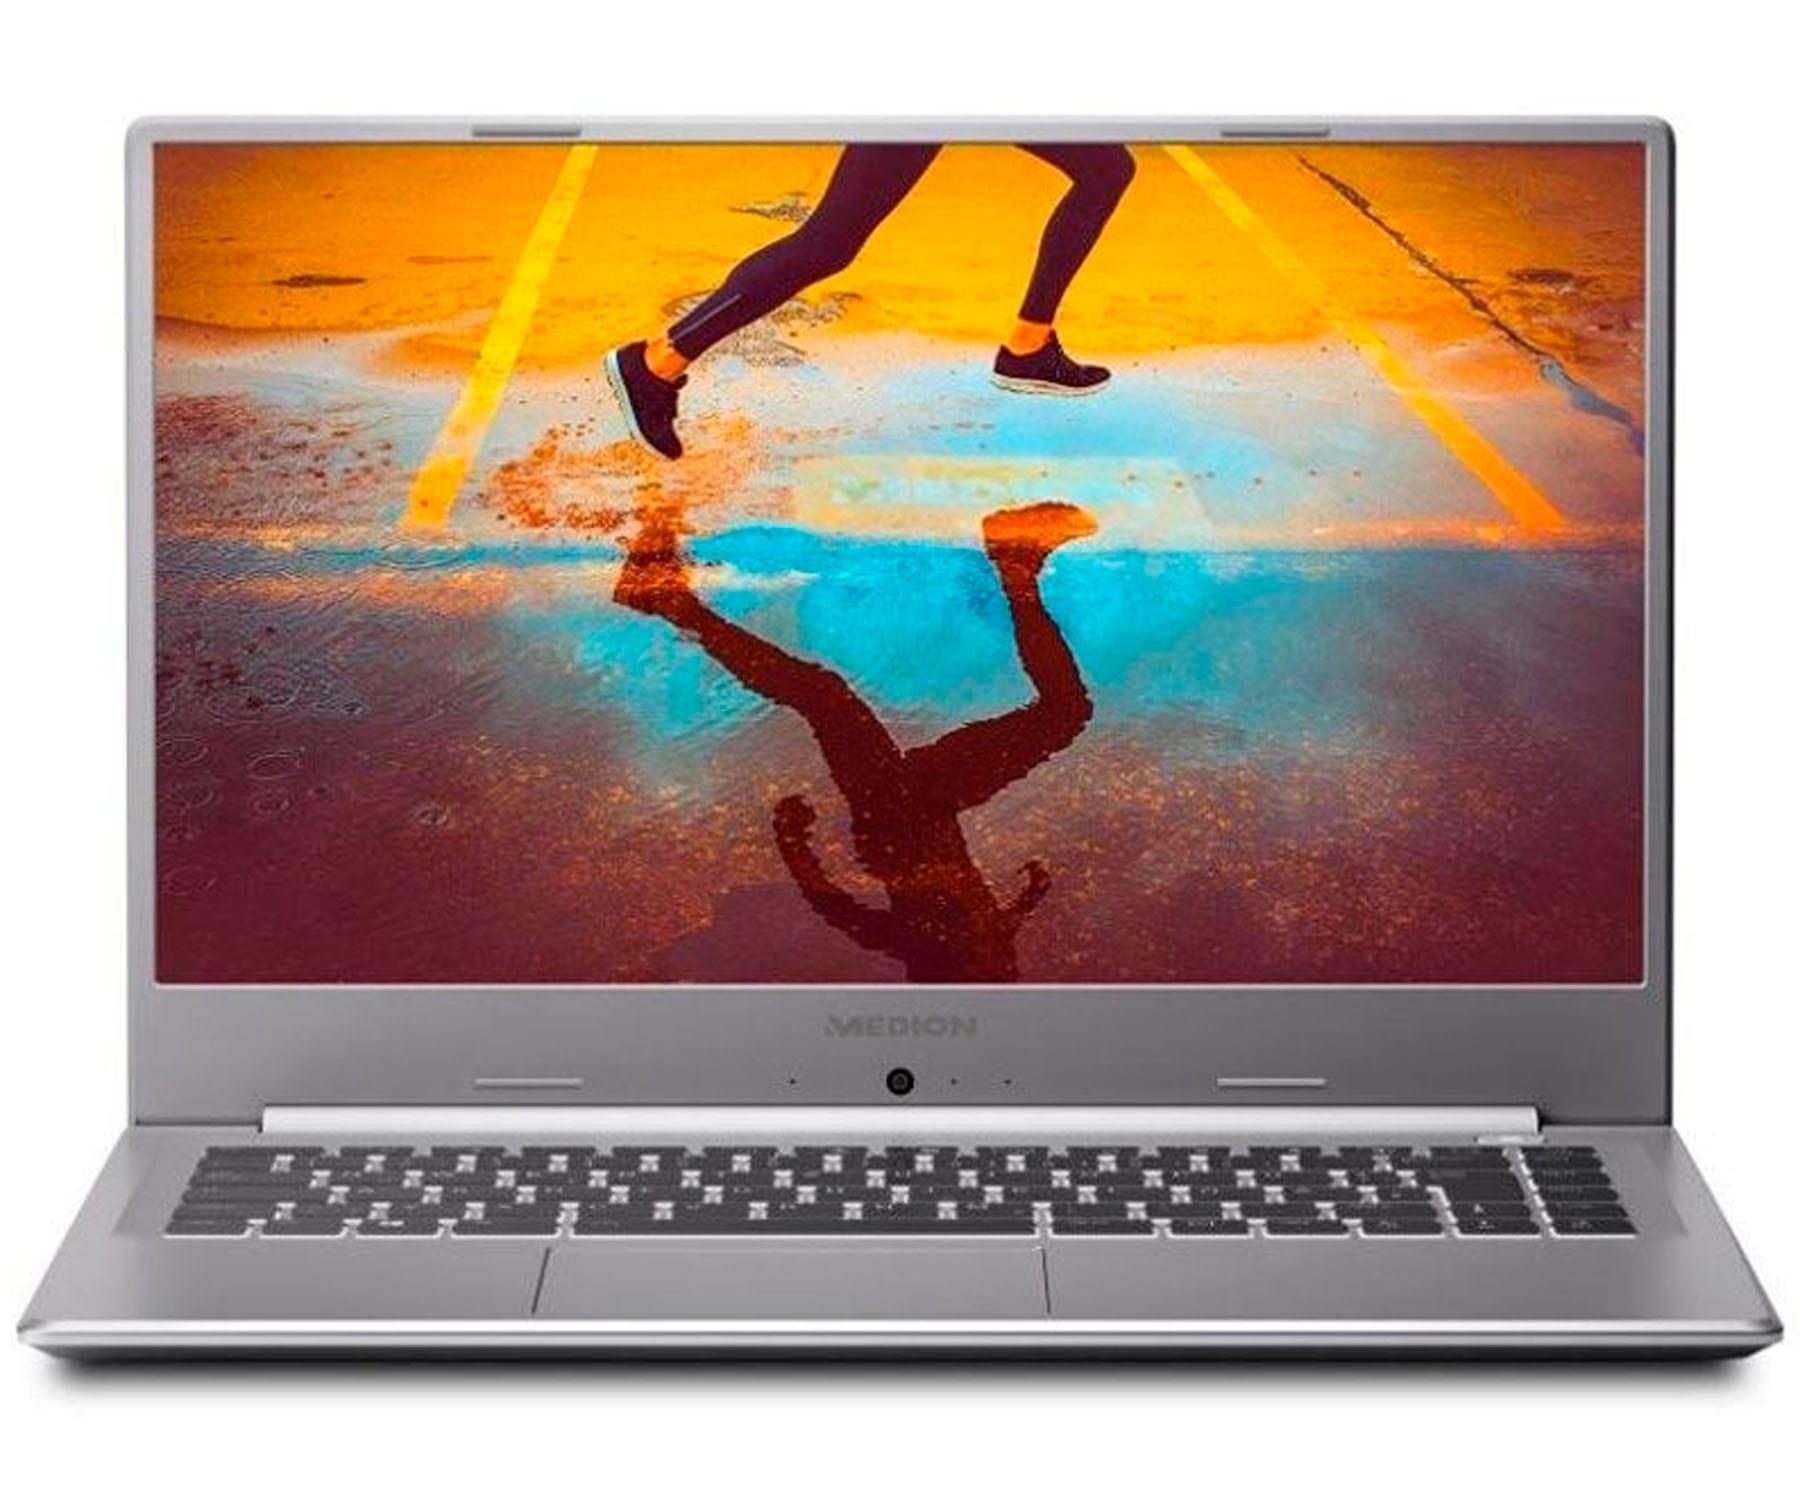 MEDION AKOYA S15447 PLATA PORTÁTIL 15.6'' FullHD i5-10210U 4.2GHz 256GB SSD 8GB RAM FREEDOS